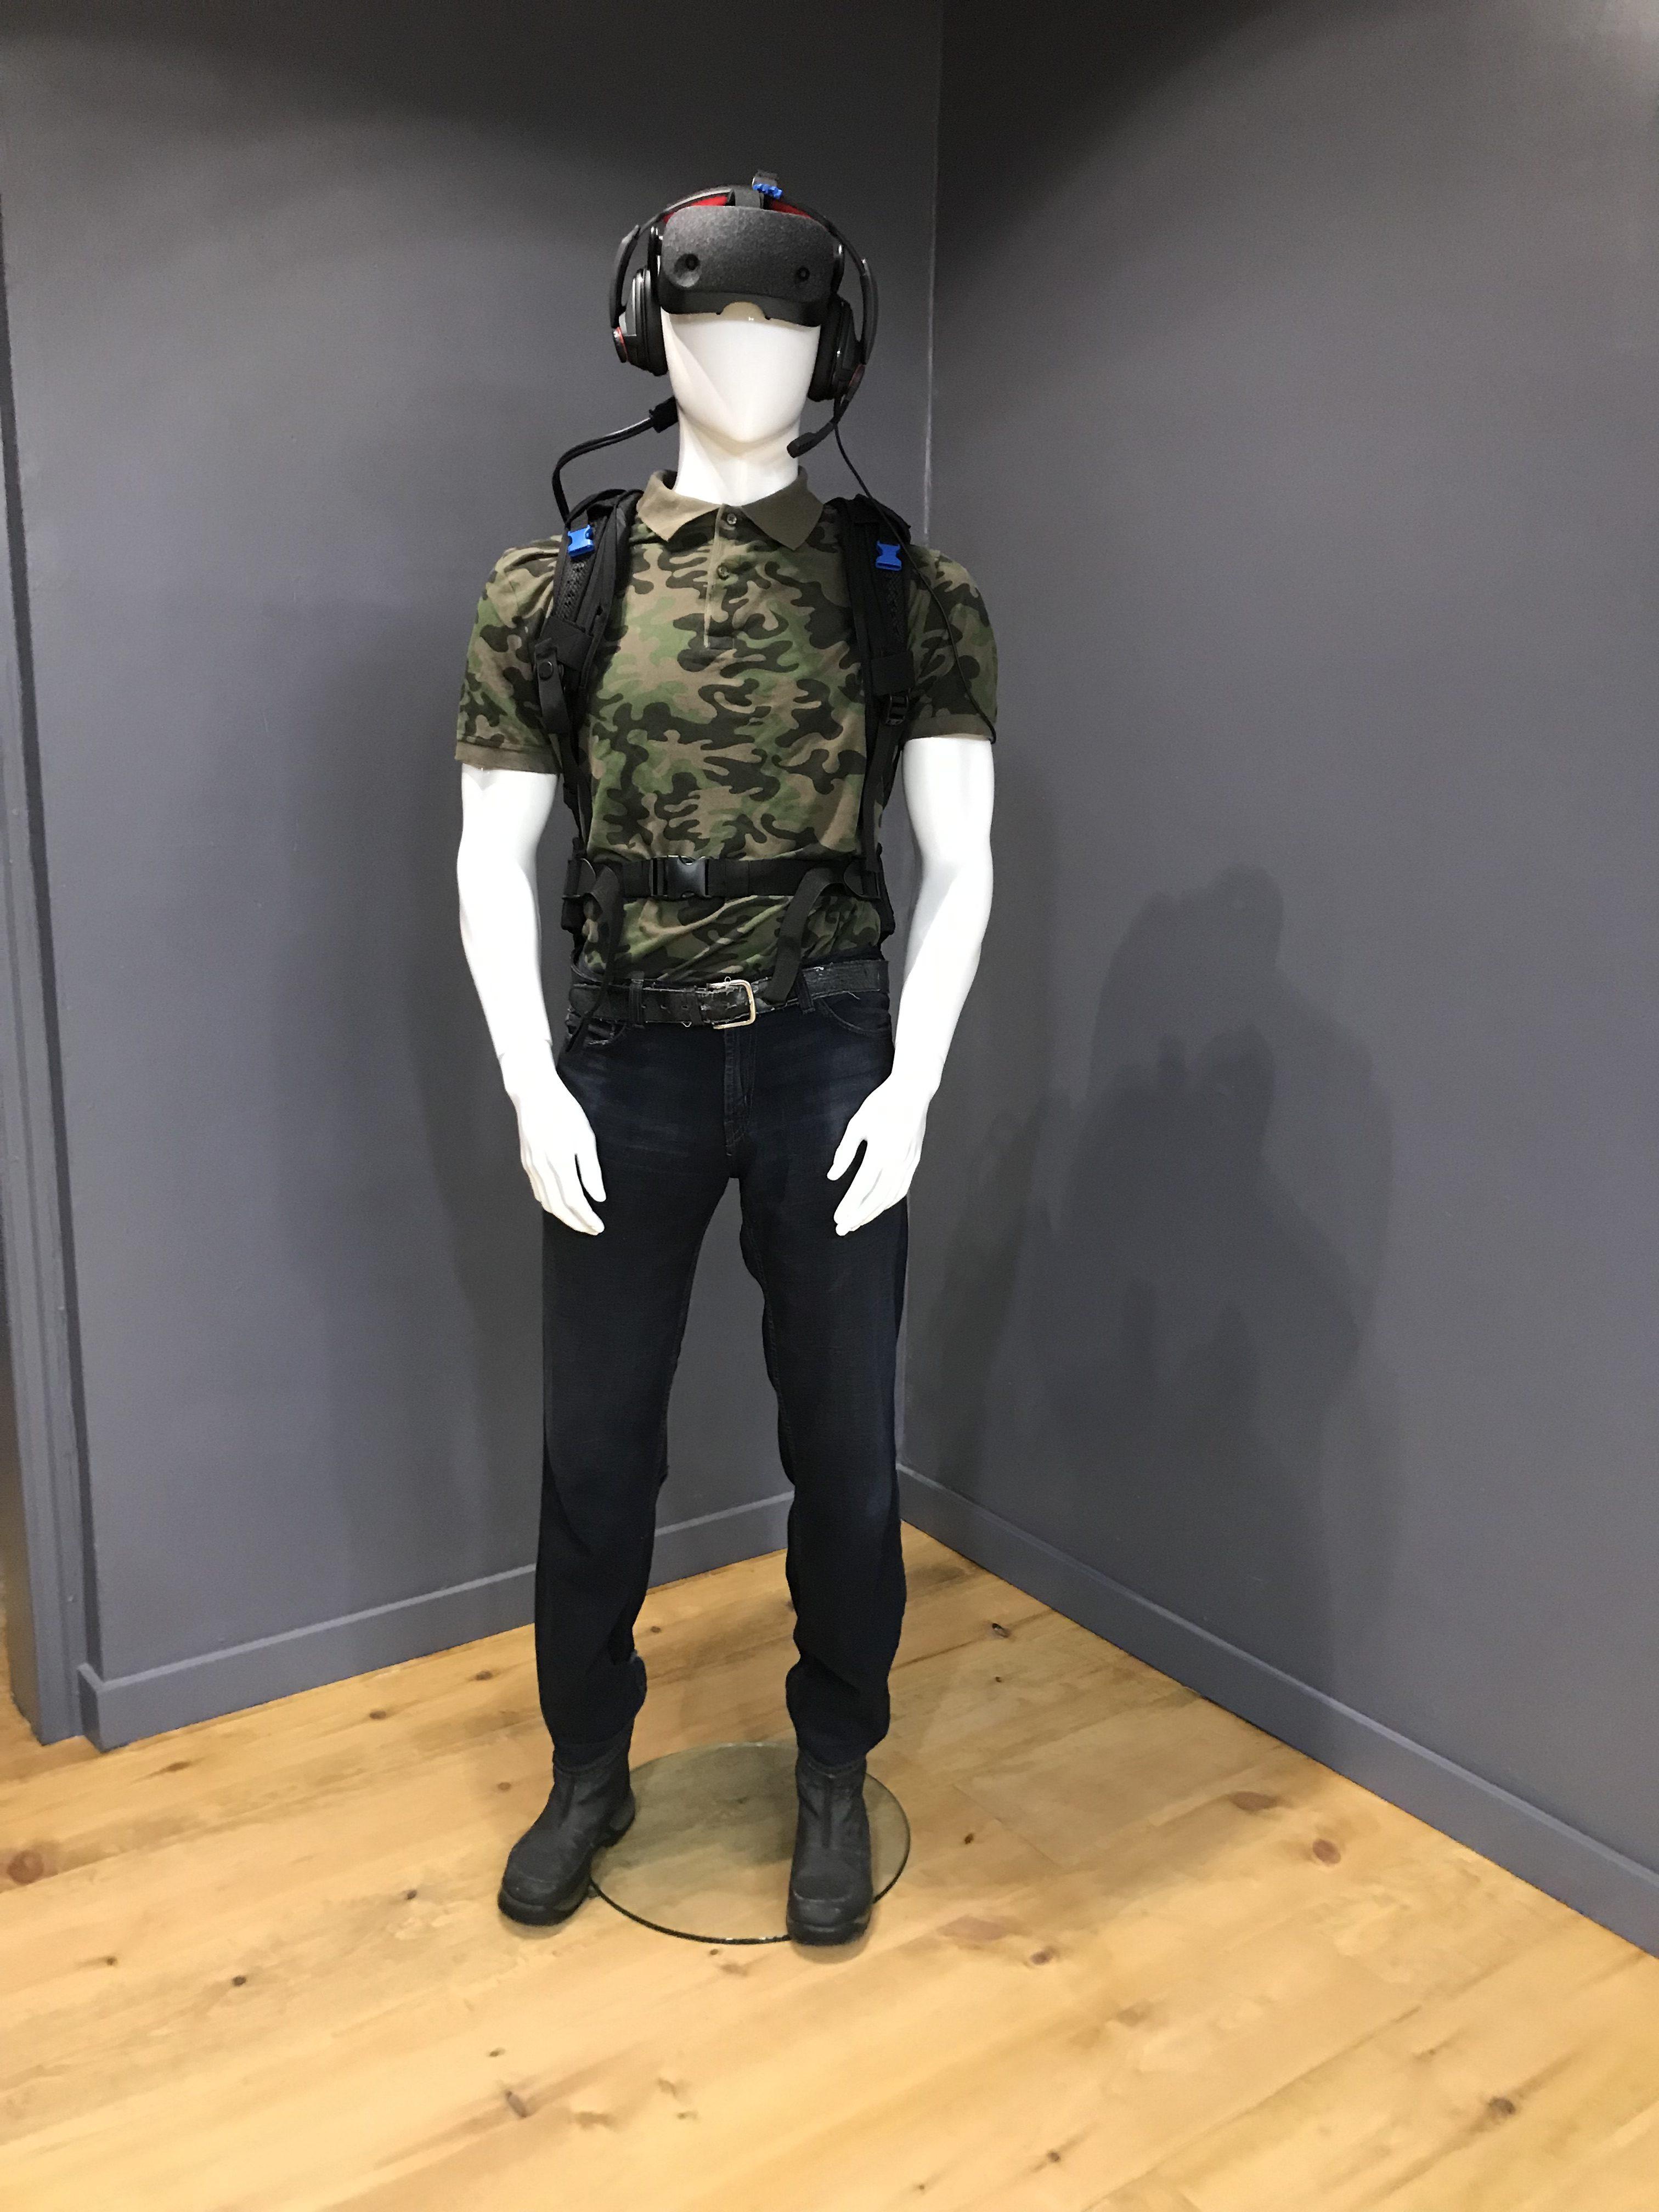 L'équipement fourni par Zéro Latency Montréal